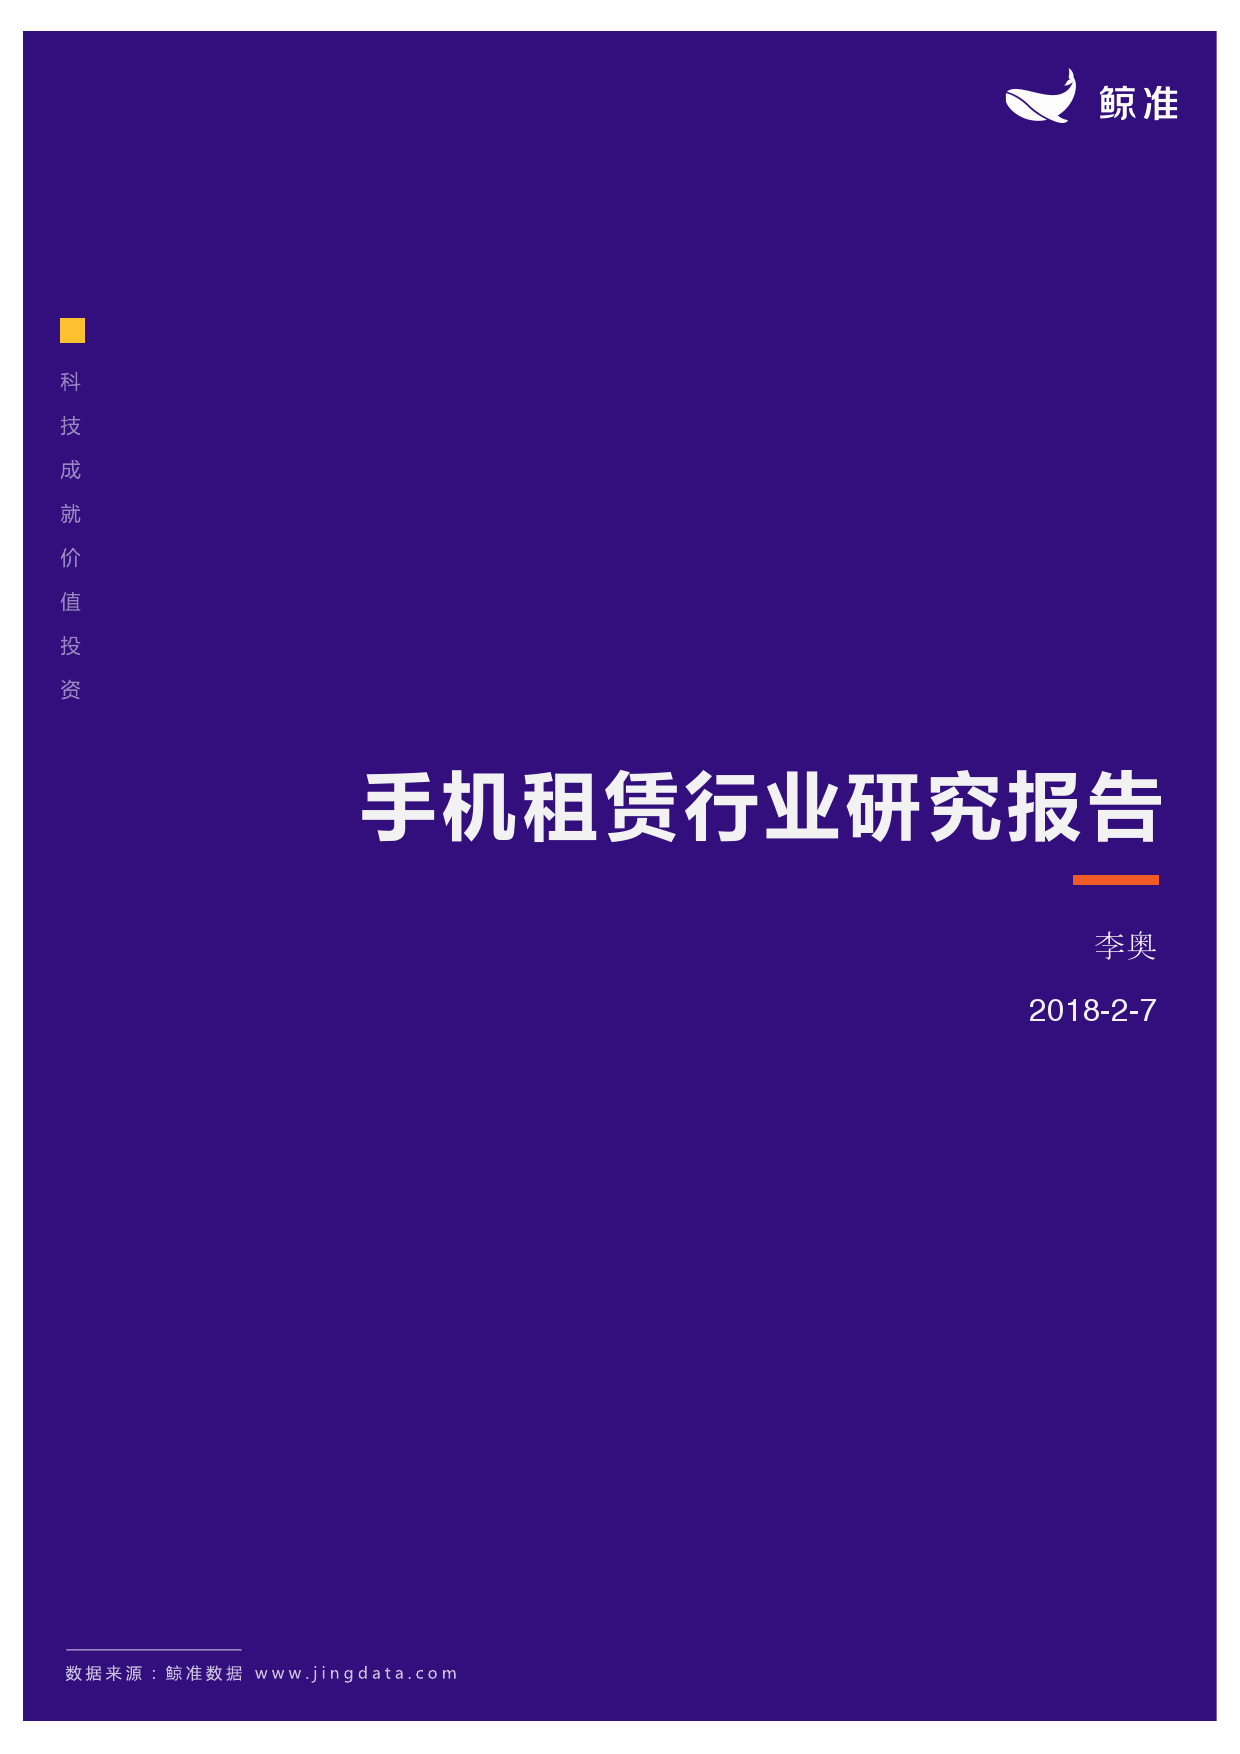 鲸准研究院:2018手机租赁行业研究报告(附下载)